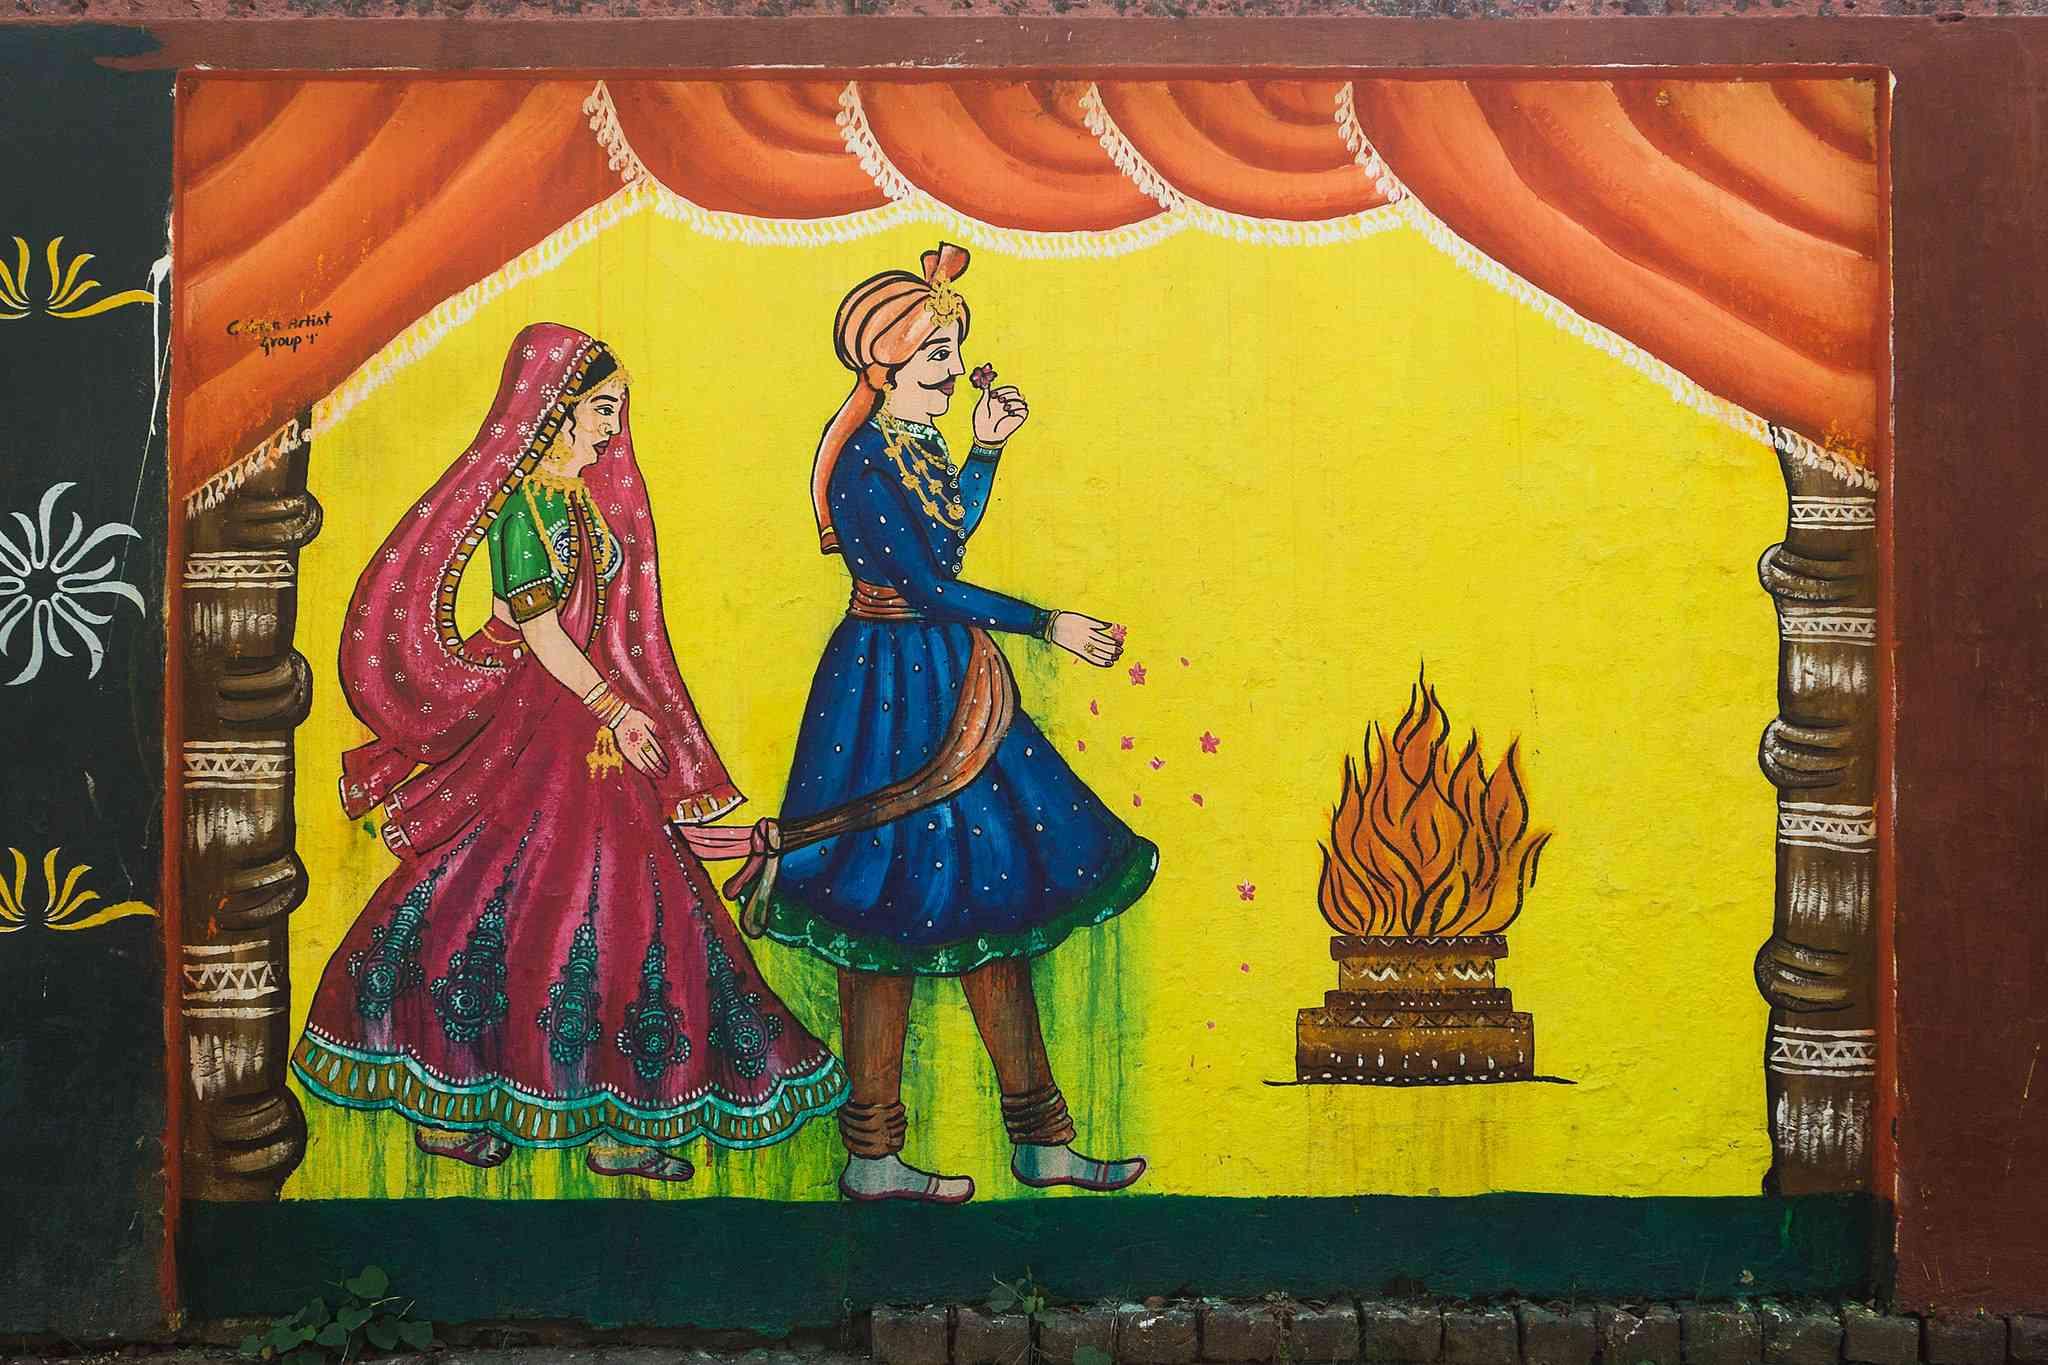 Street art in Gorakhpur.